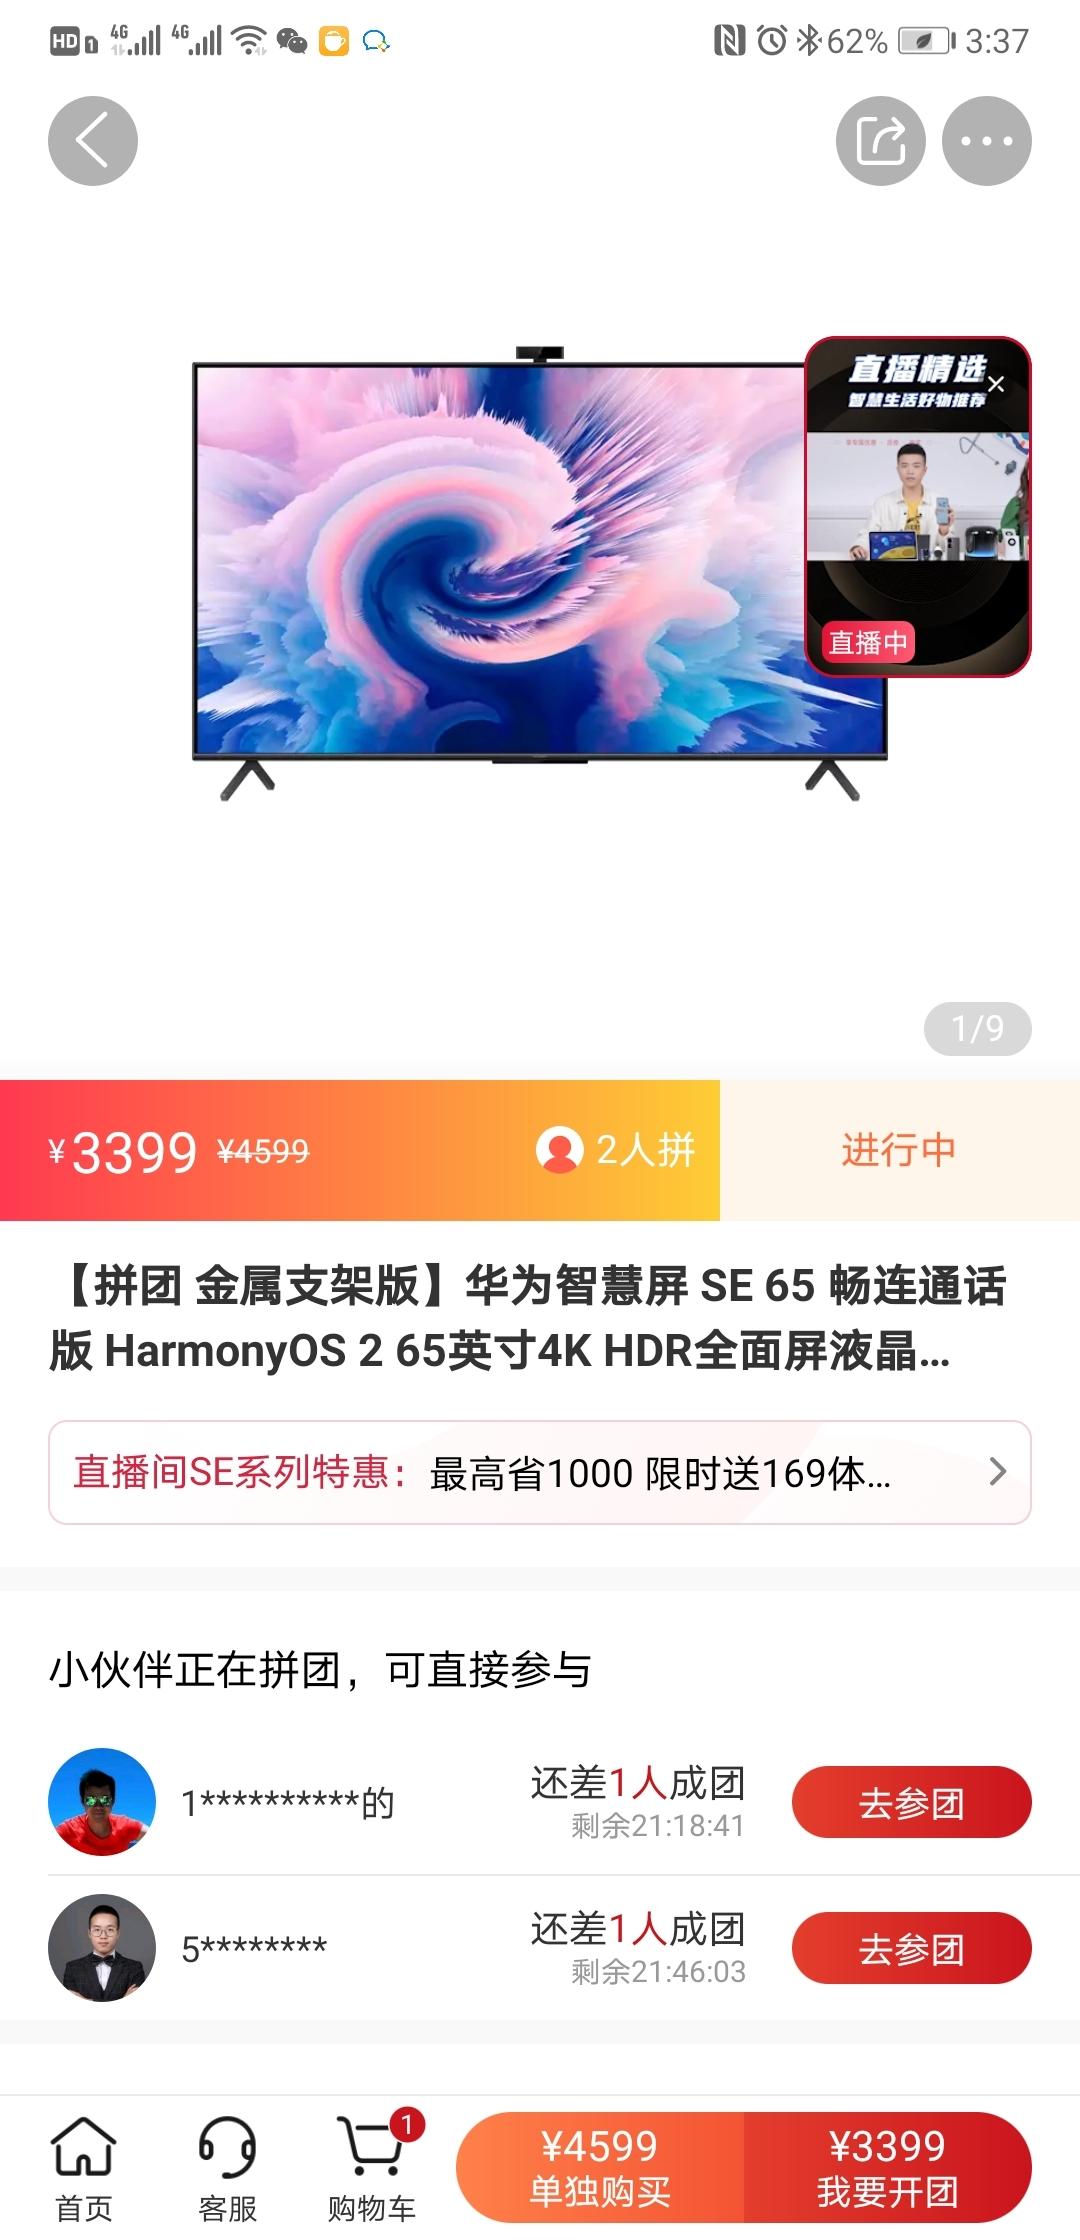 Screenshot_20210901_153752_com.vmall.client.jpg